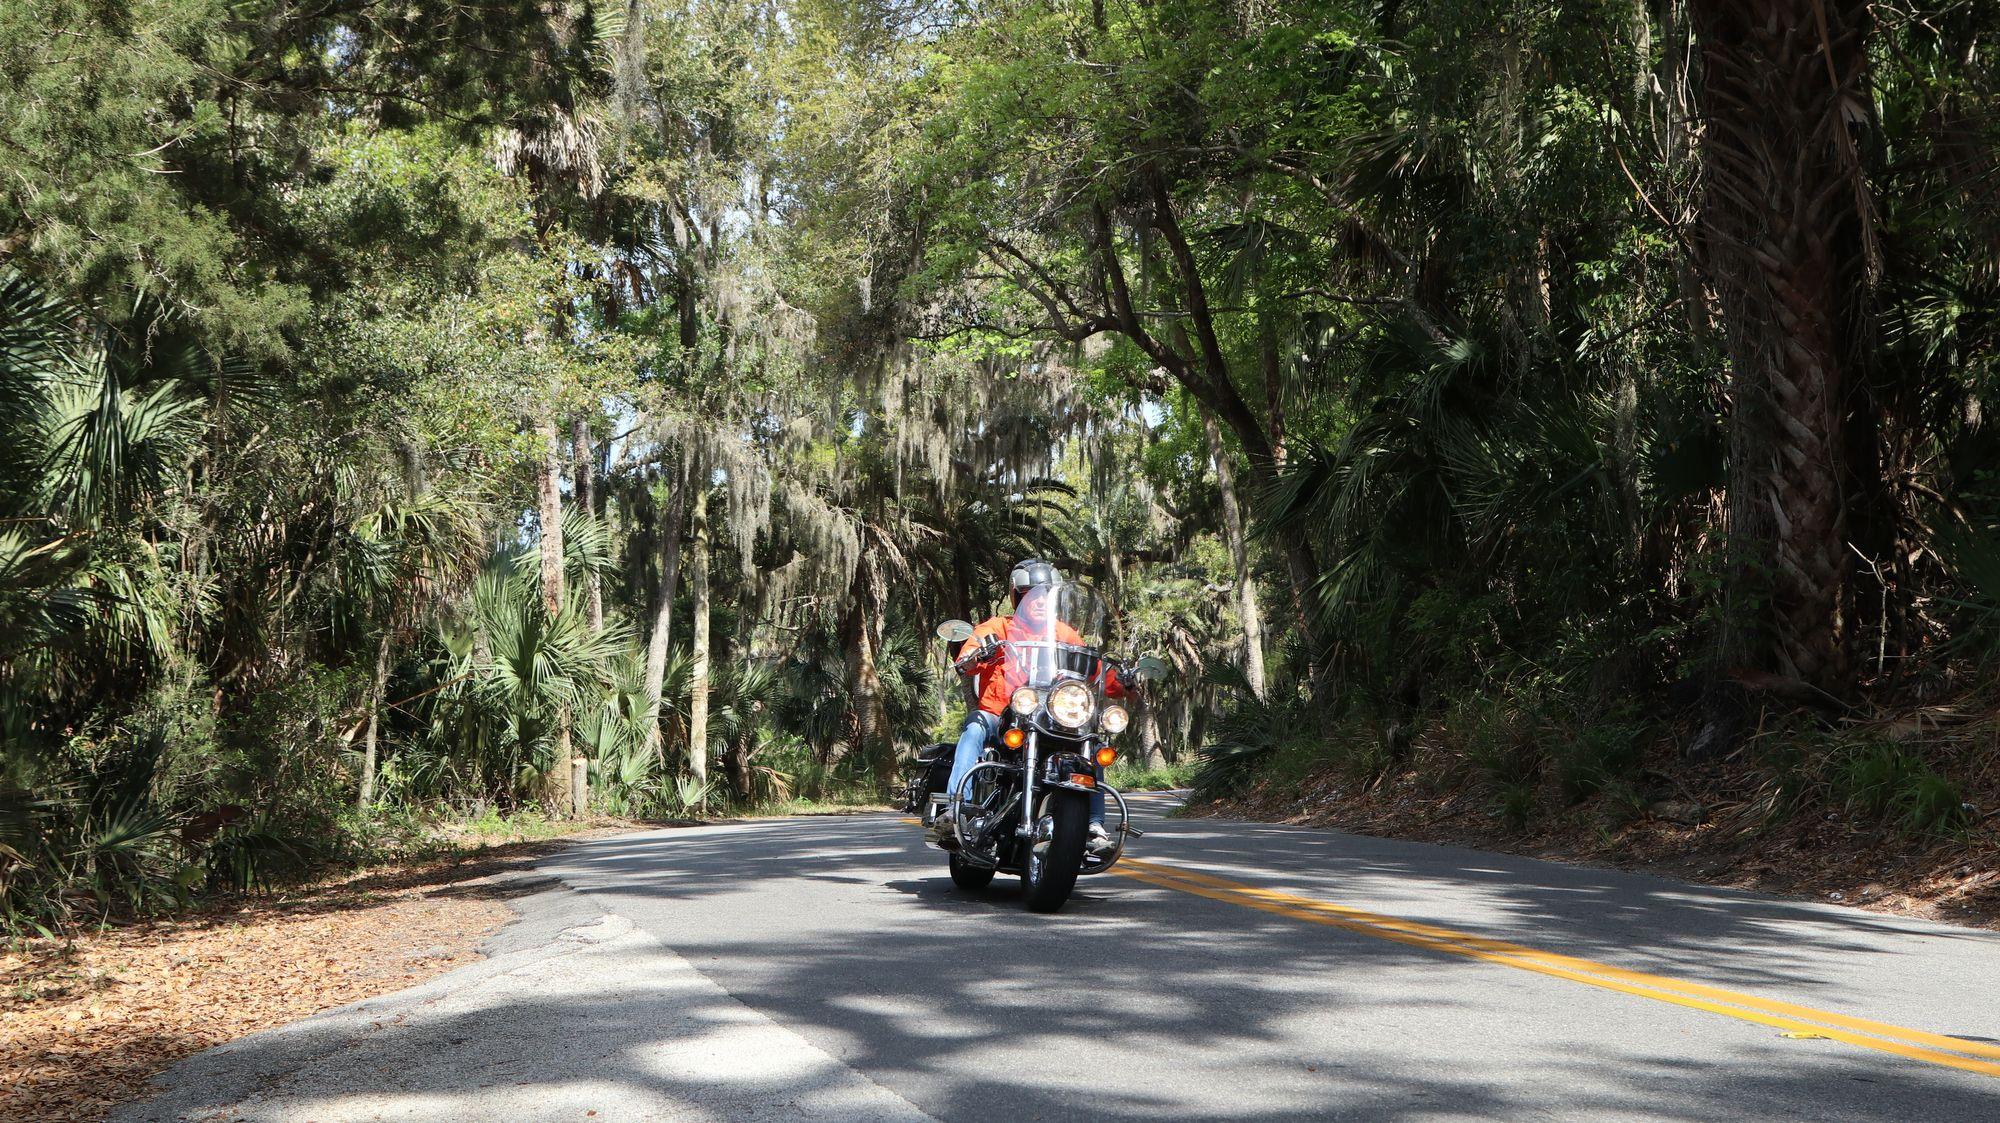 Top 6 Things to do at Daytona Bike Week